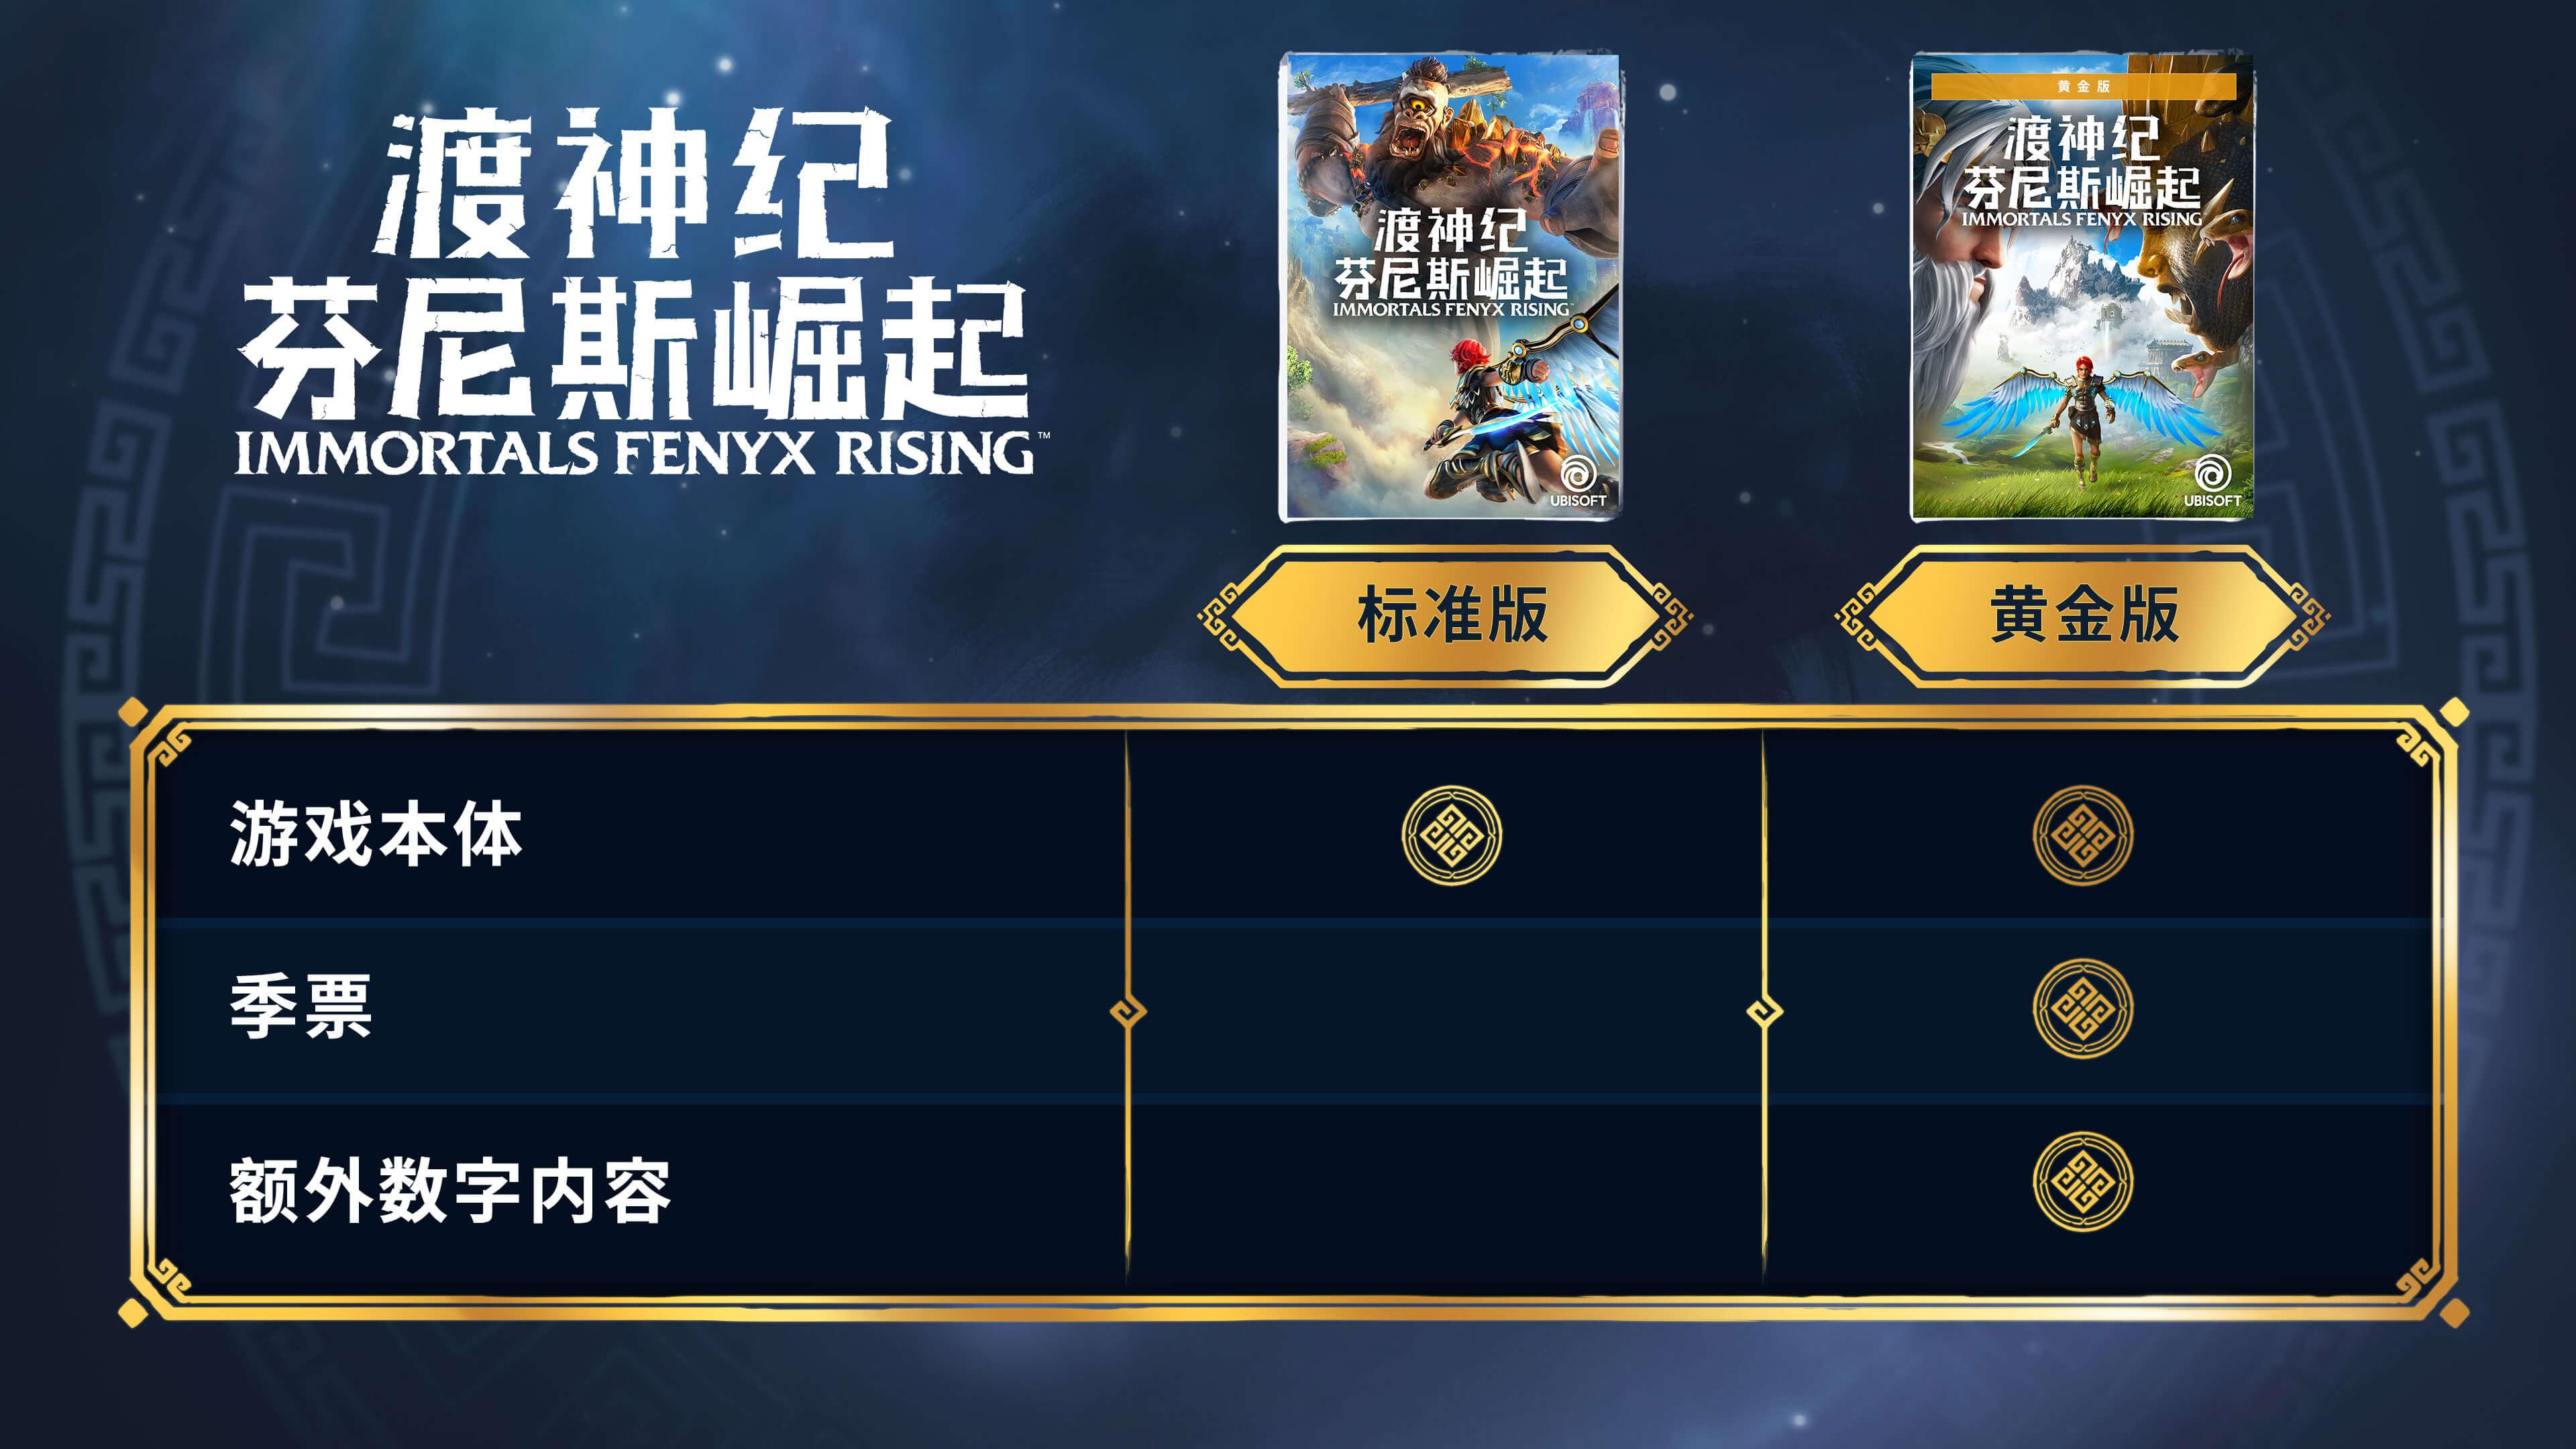 《渡神纪:芬尼斯崛起》将于12月1日0点开放预载